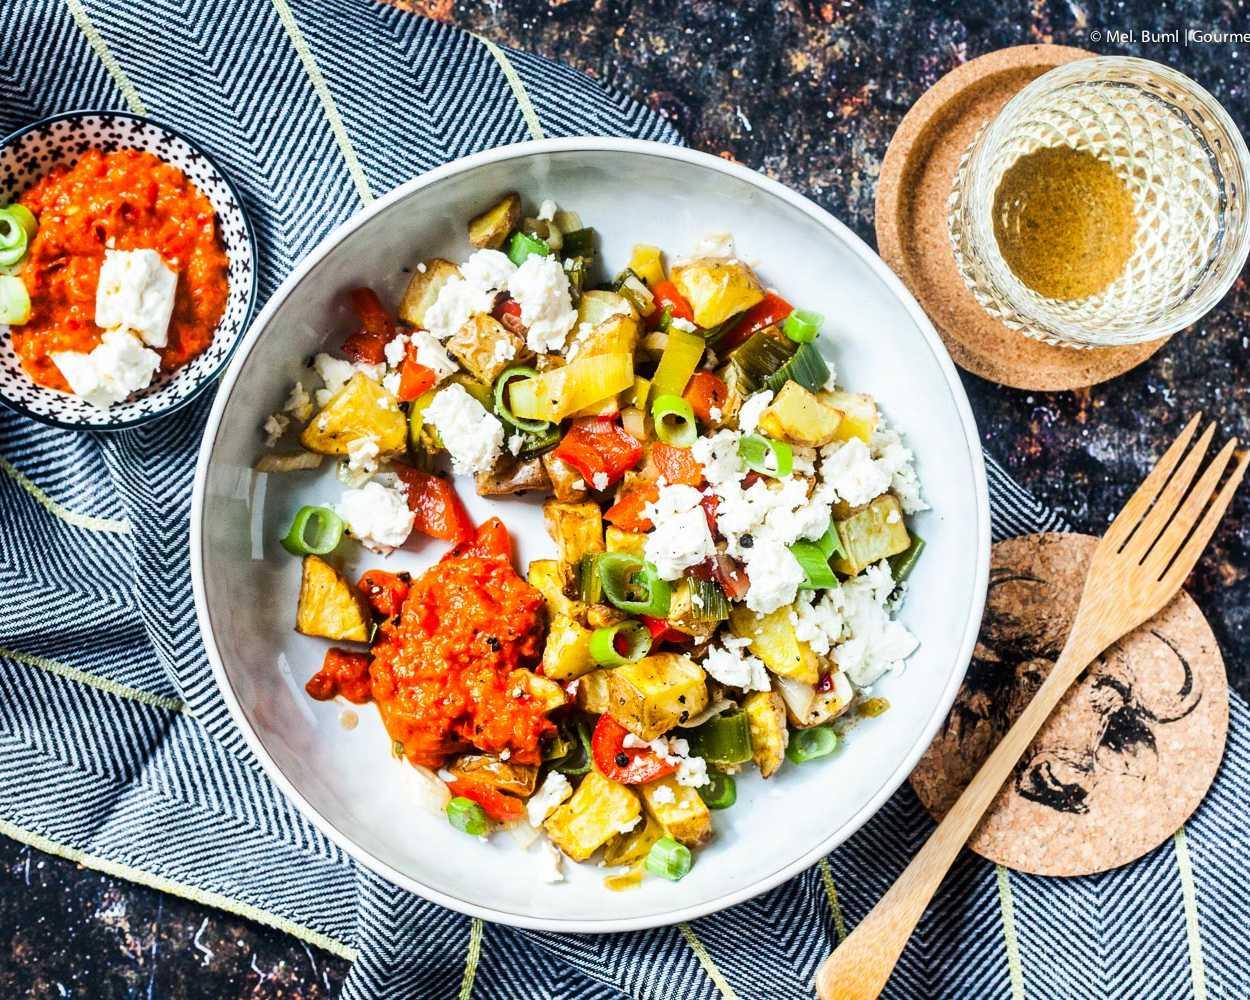 Gebackener Kartoffelsalat mit Feta und Aiwar –fix aus dem Airfryer |GourmetGuerilla.de